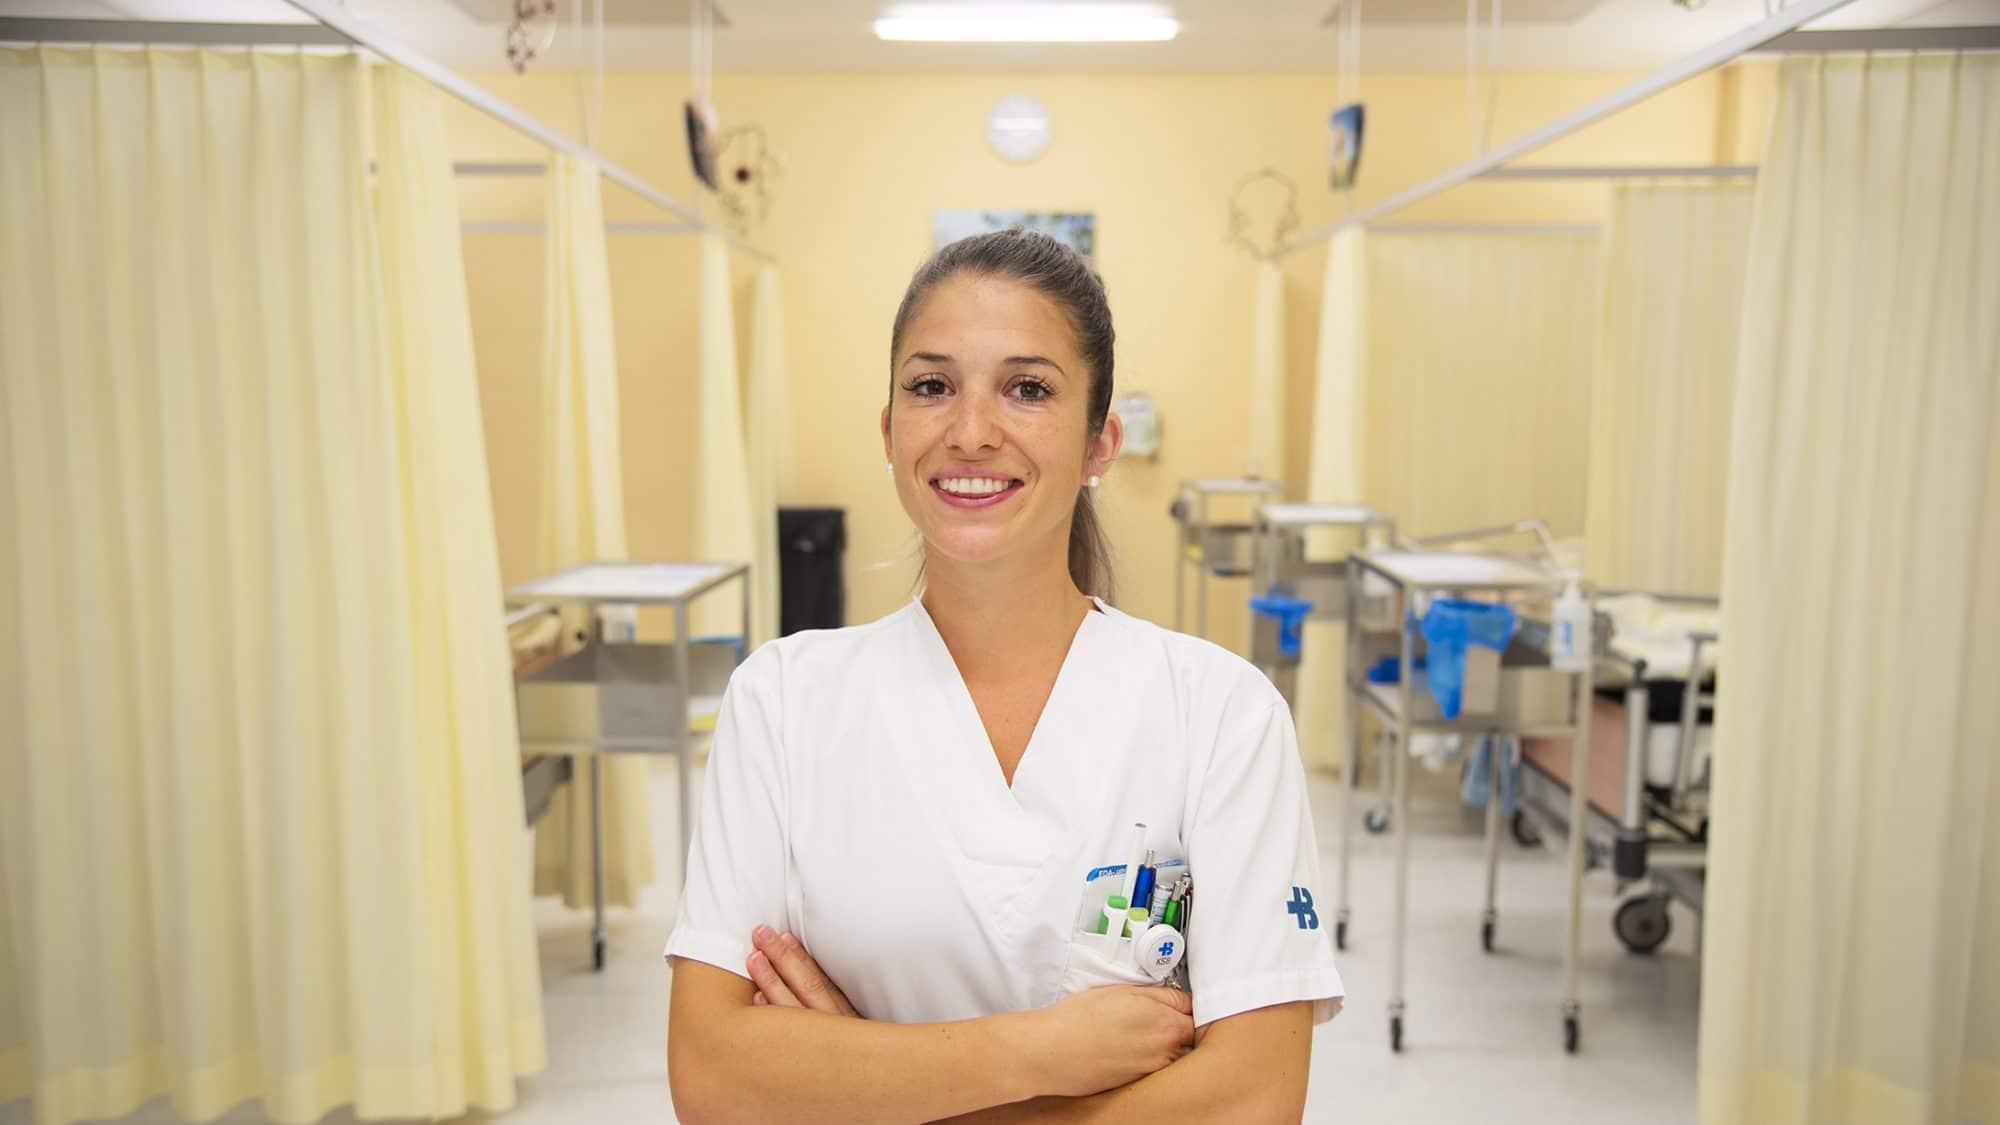 Chantal Wächter arbeitet im Aufwachraum des KSB